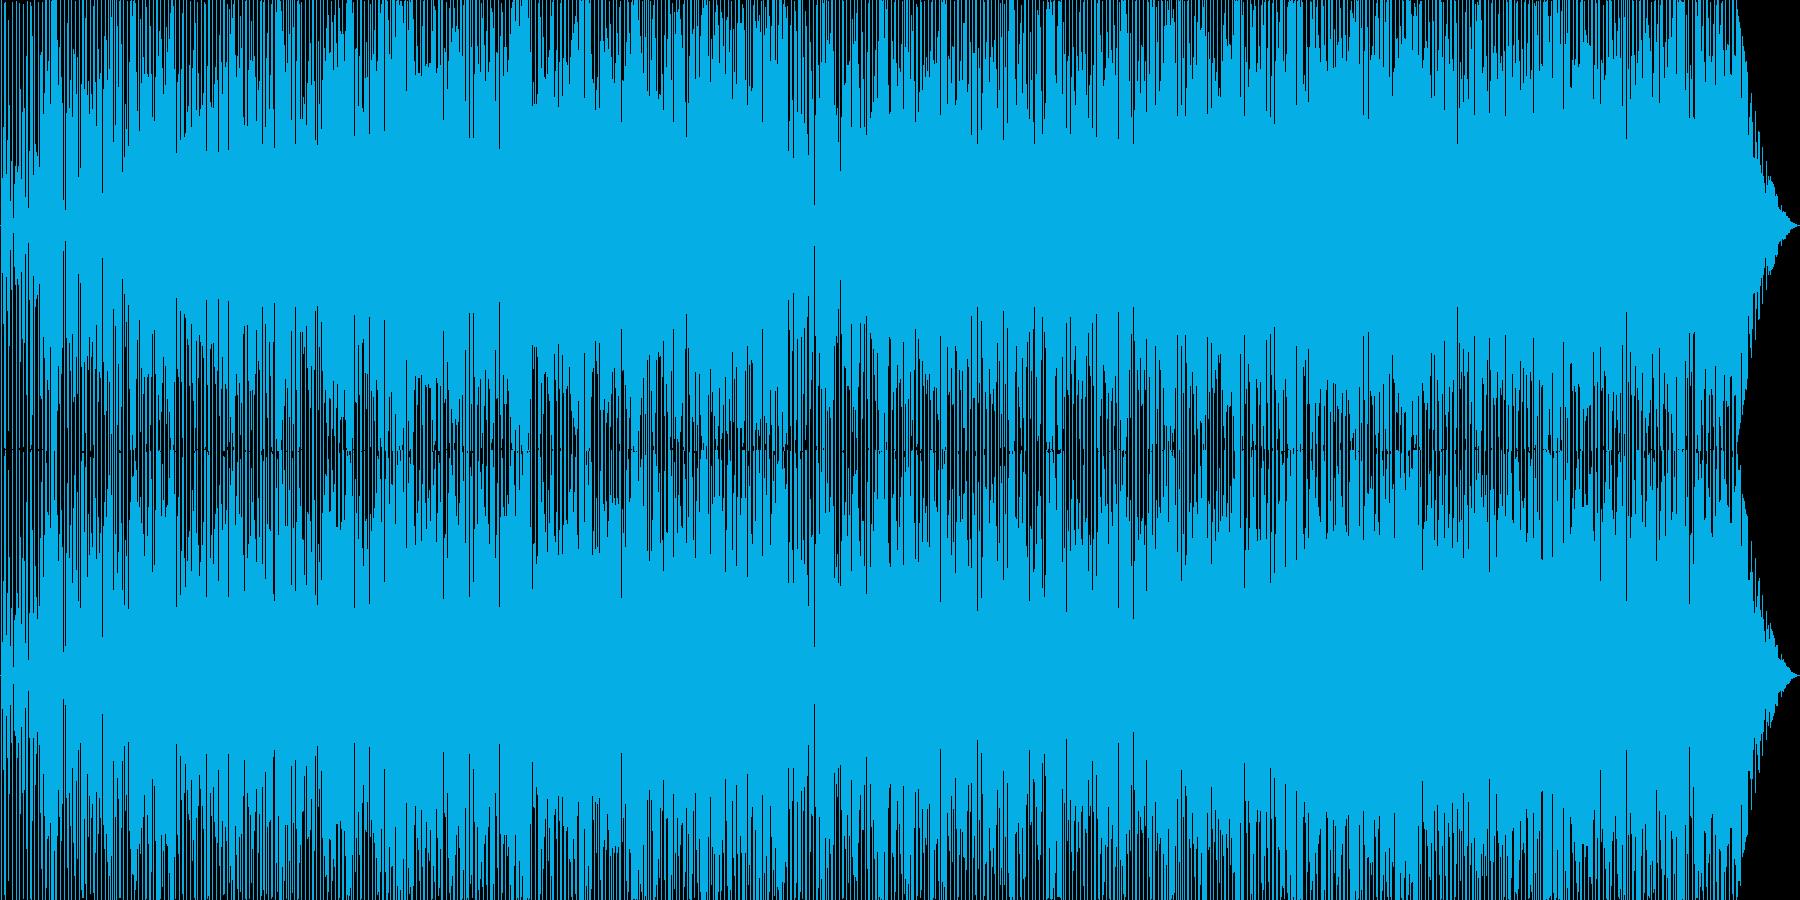 ヒップホップ風のスムースジャズの再生済みの波形